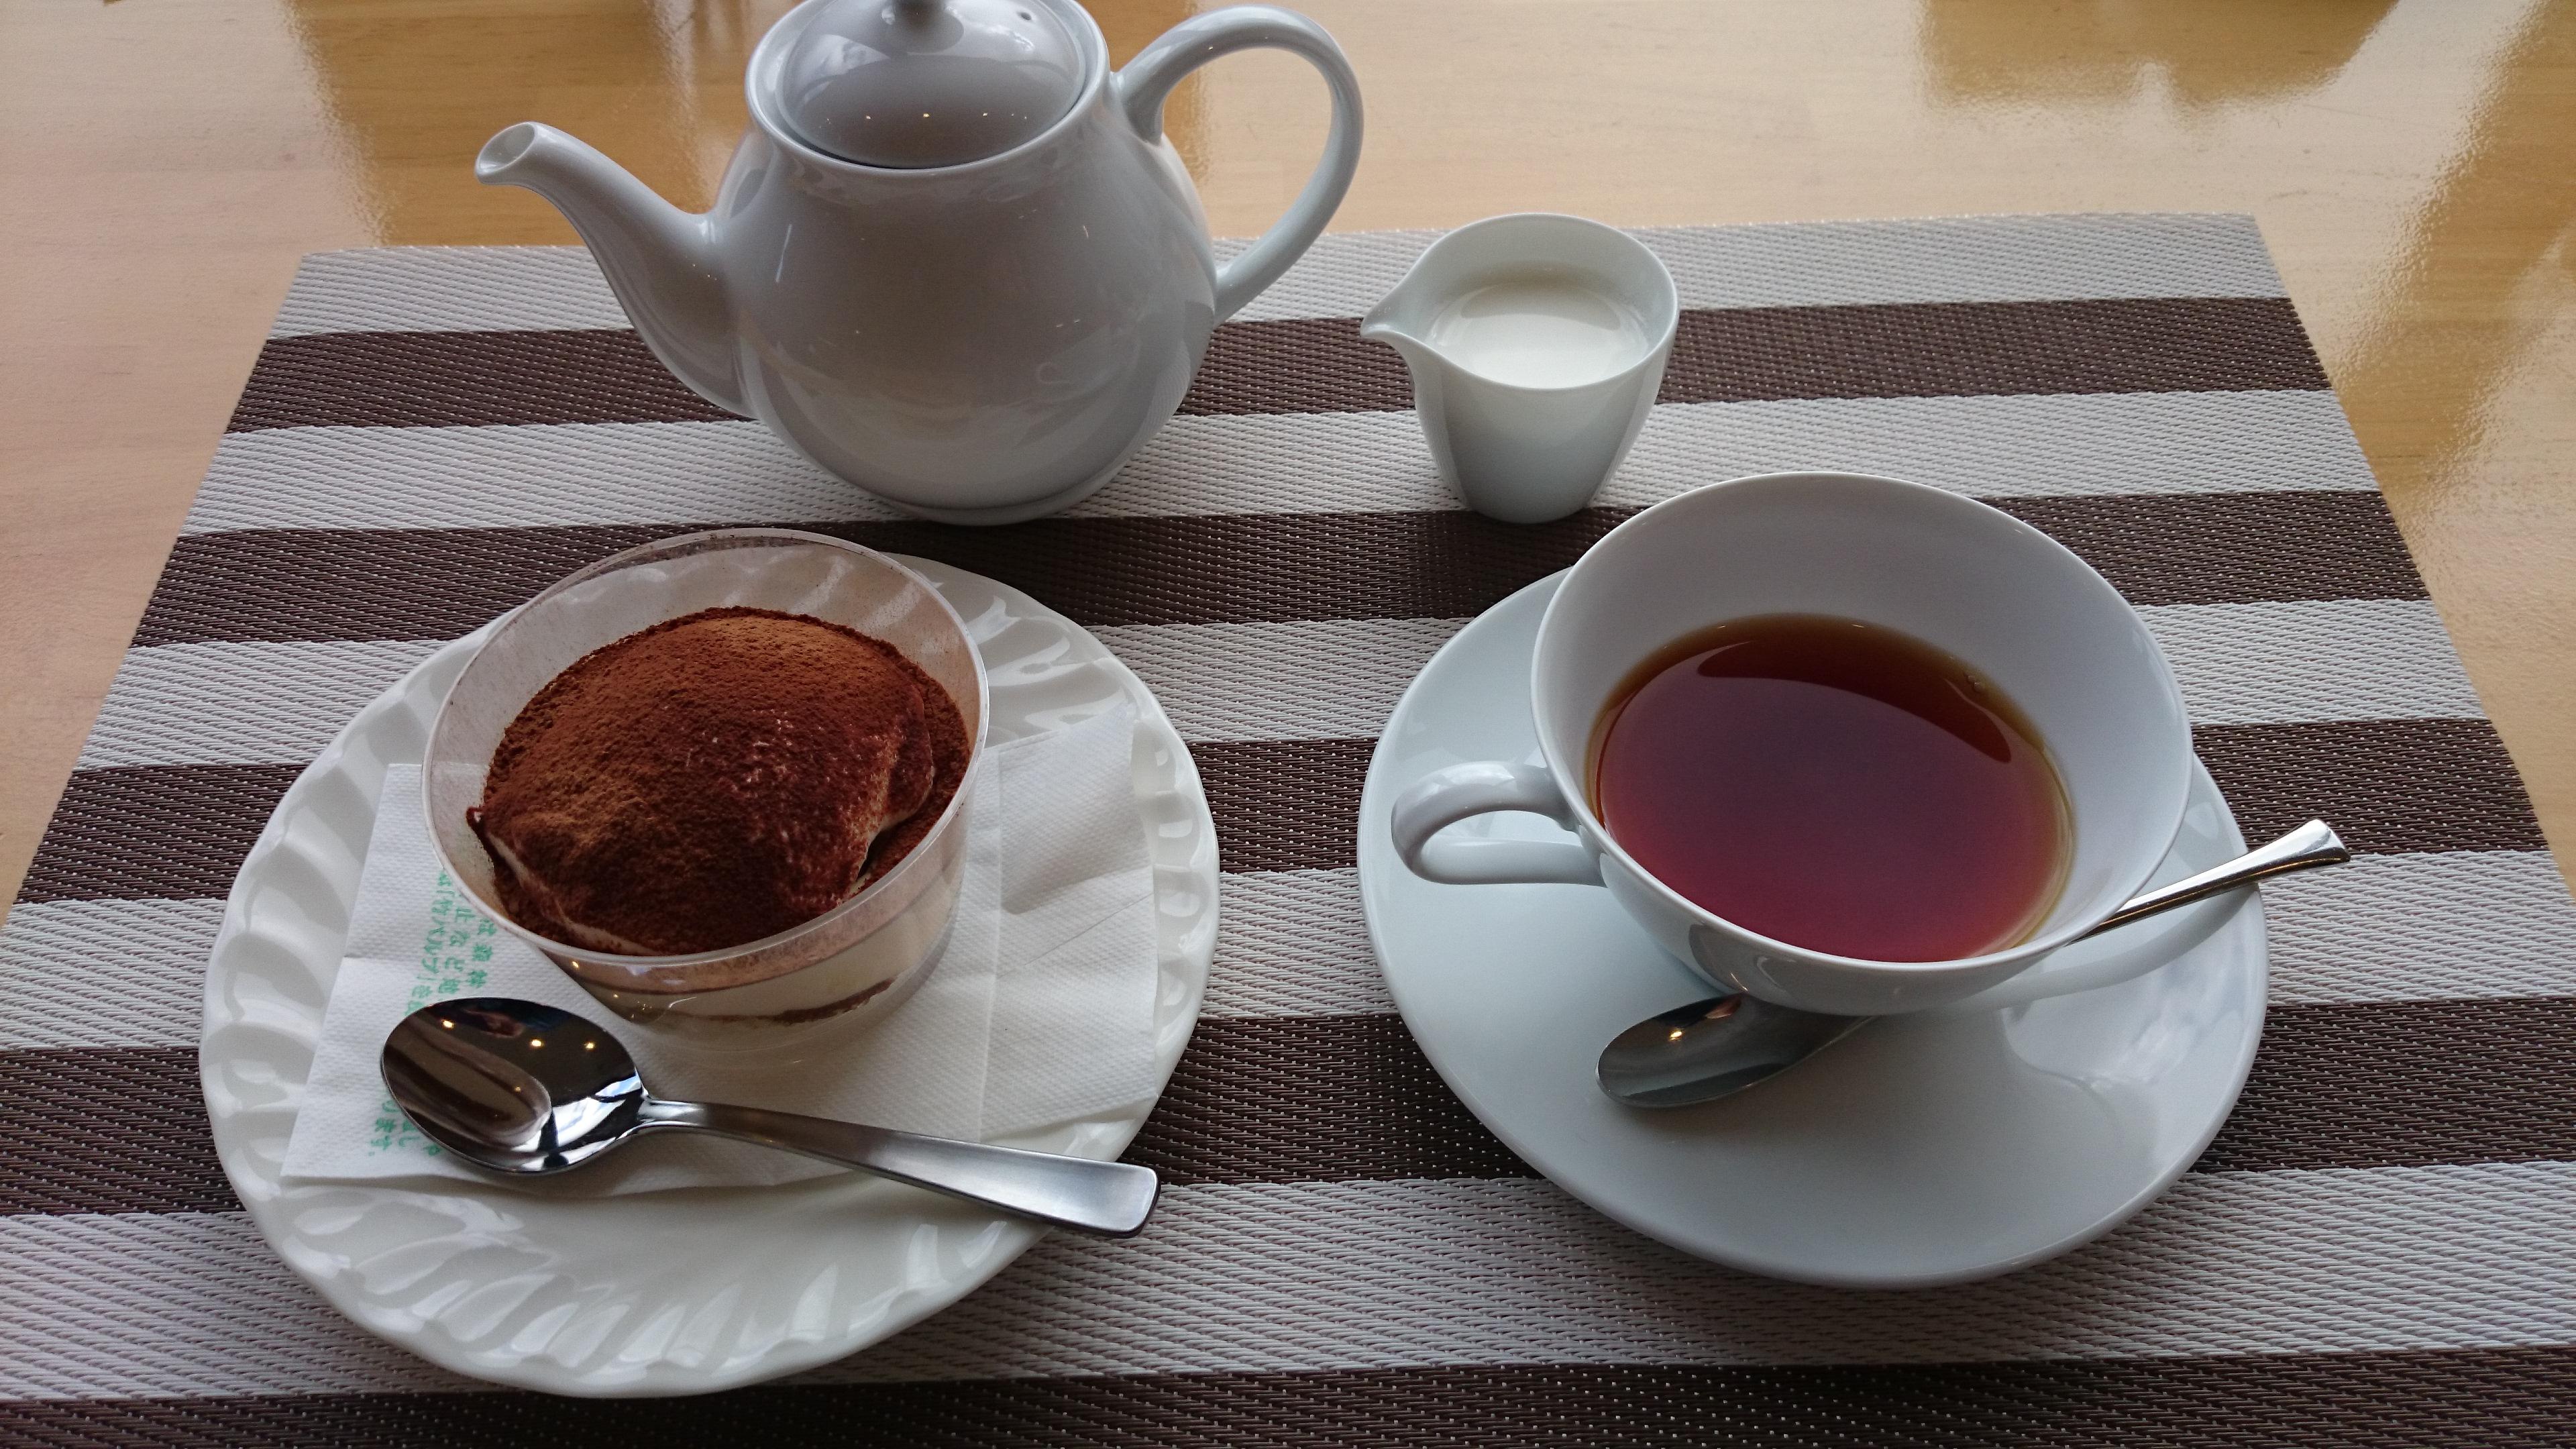 こだわりの素材を使った絶品スイーツ。糸島の「つまんでご卵ケーキ工房」。